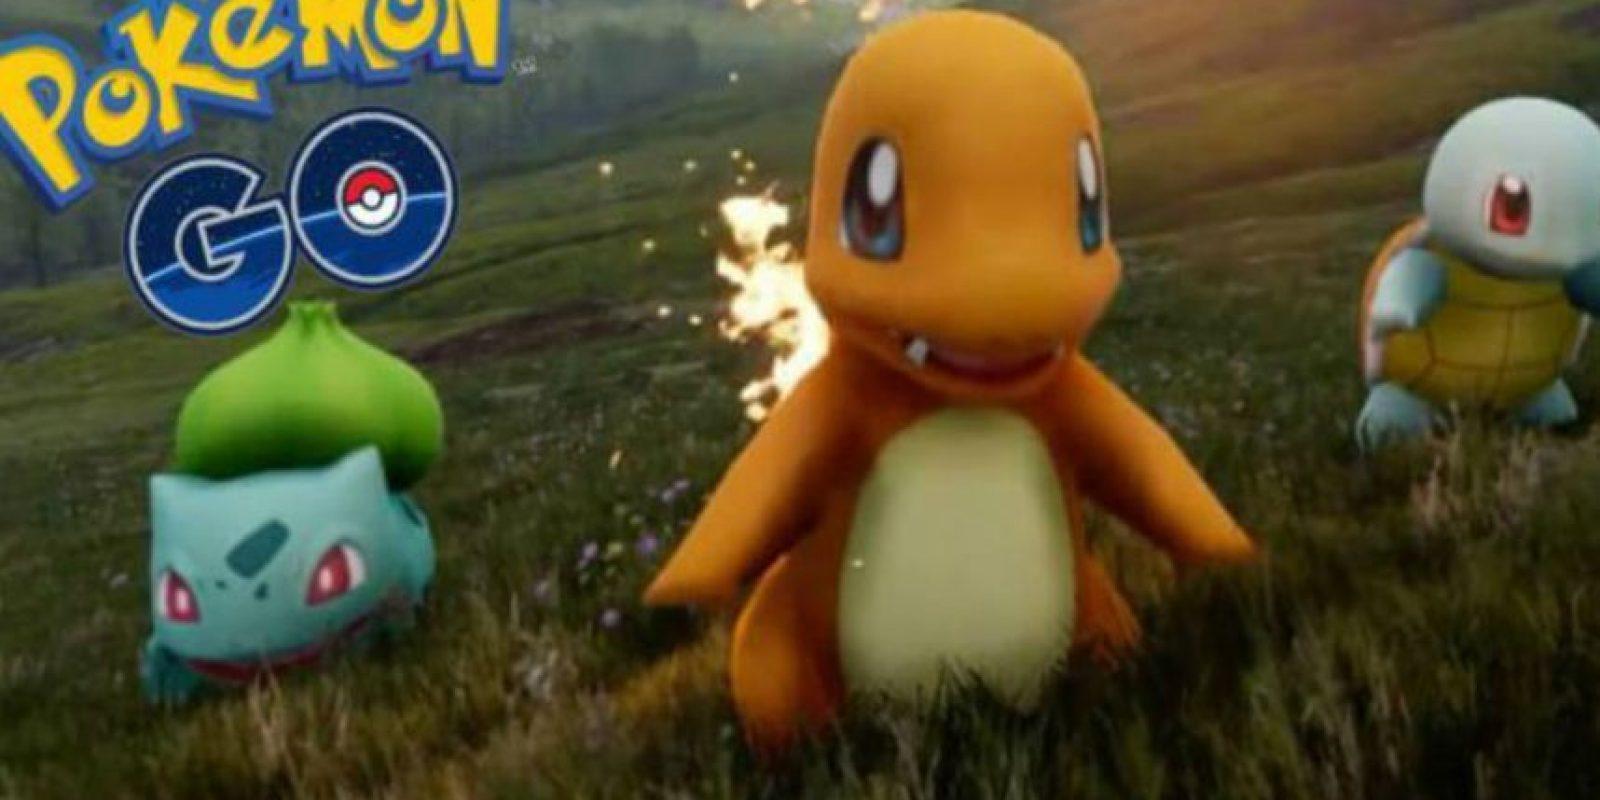 Si hacen trampa en Pokémon, pueden perder su cuenta. Foto:Pokémon Go. Imagen Por: